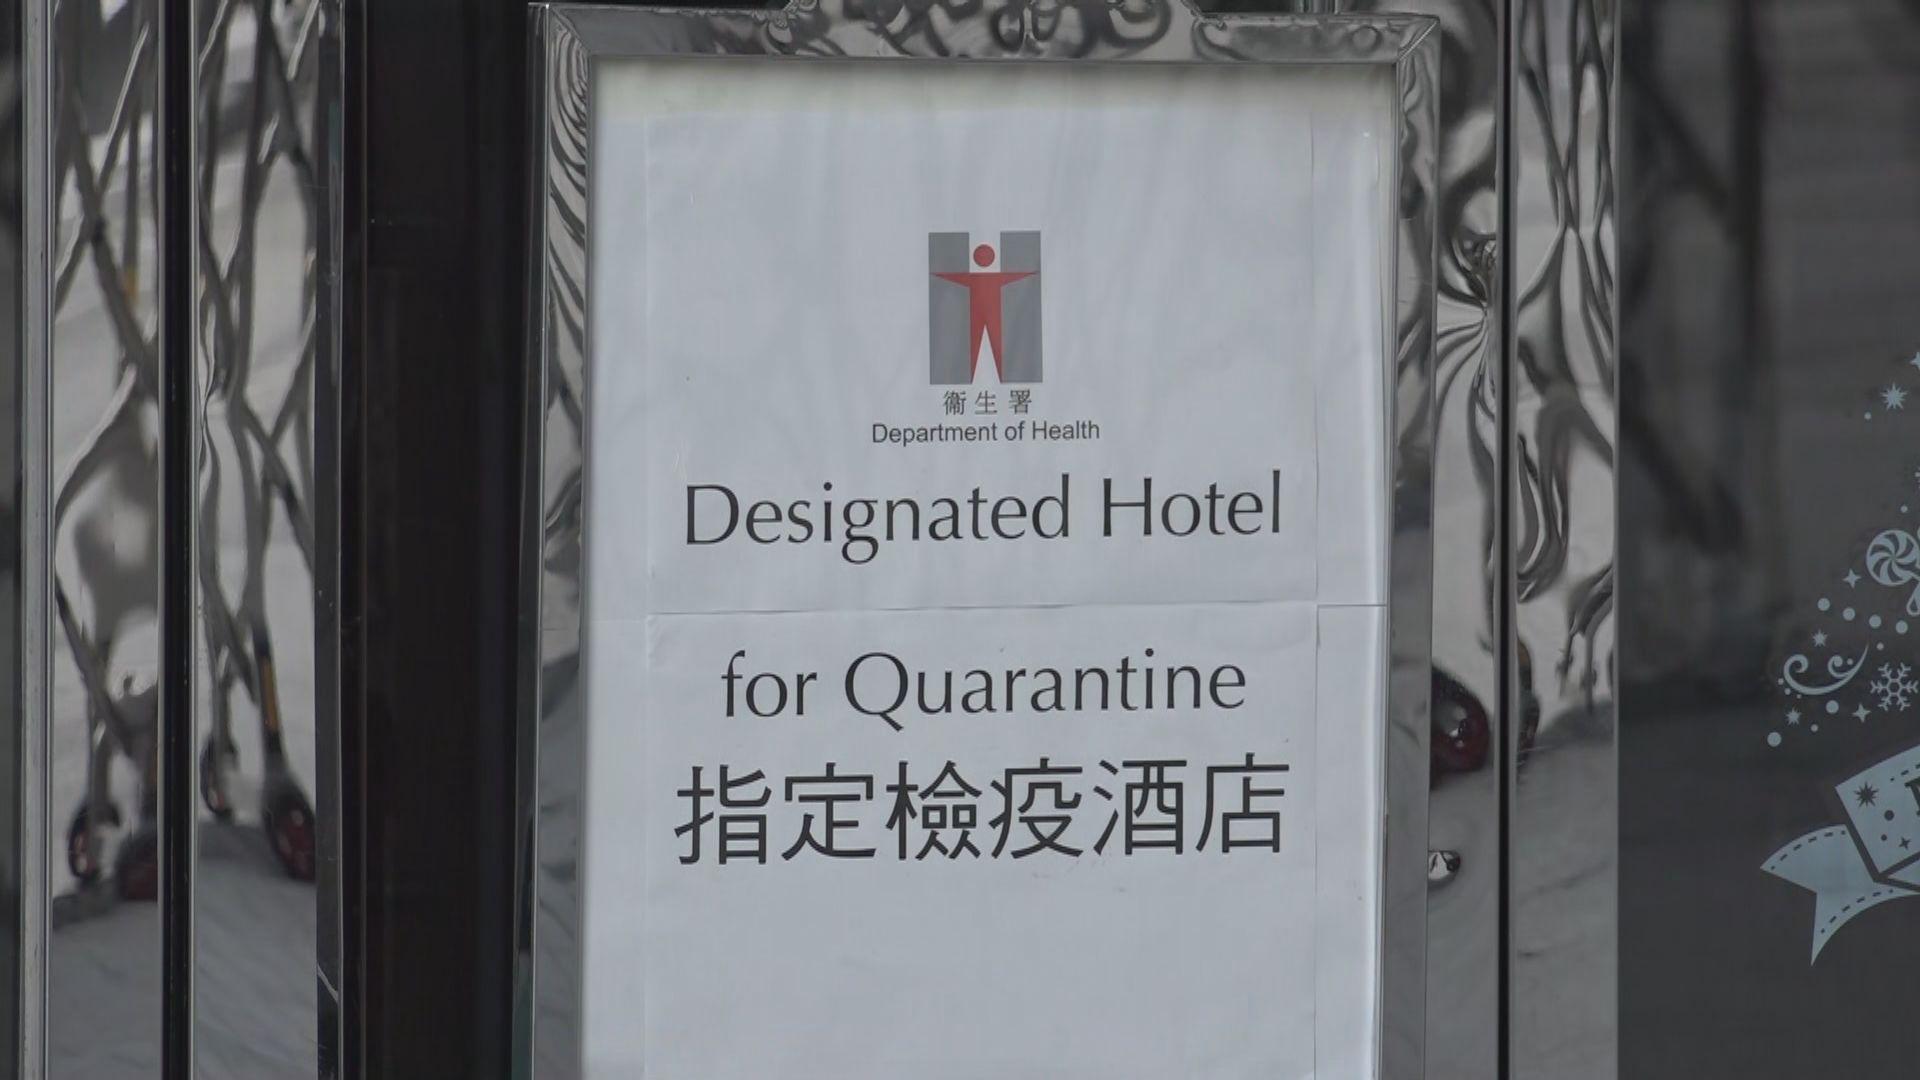 入境前曾到中國以外地區人士須在指定酒店檢疫21天